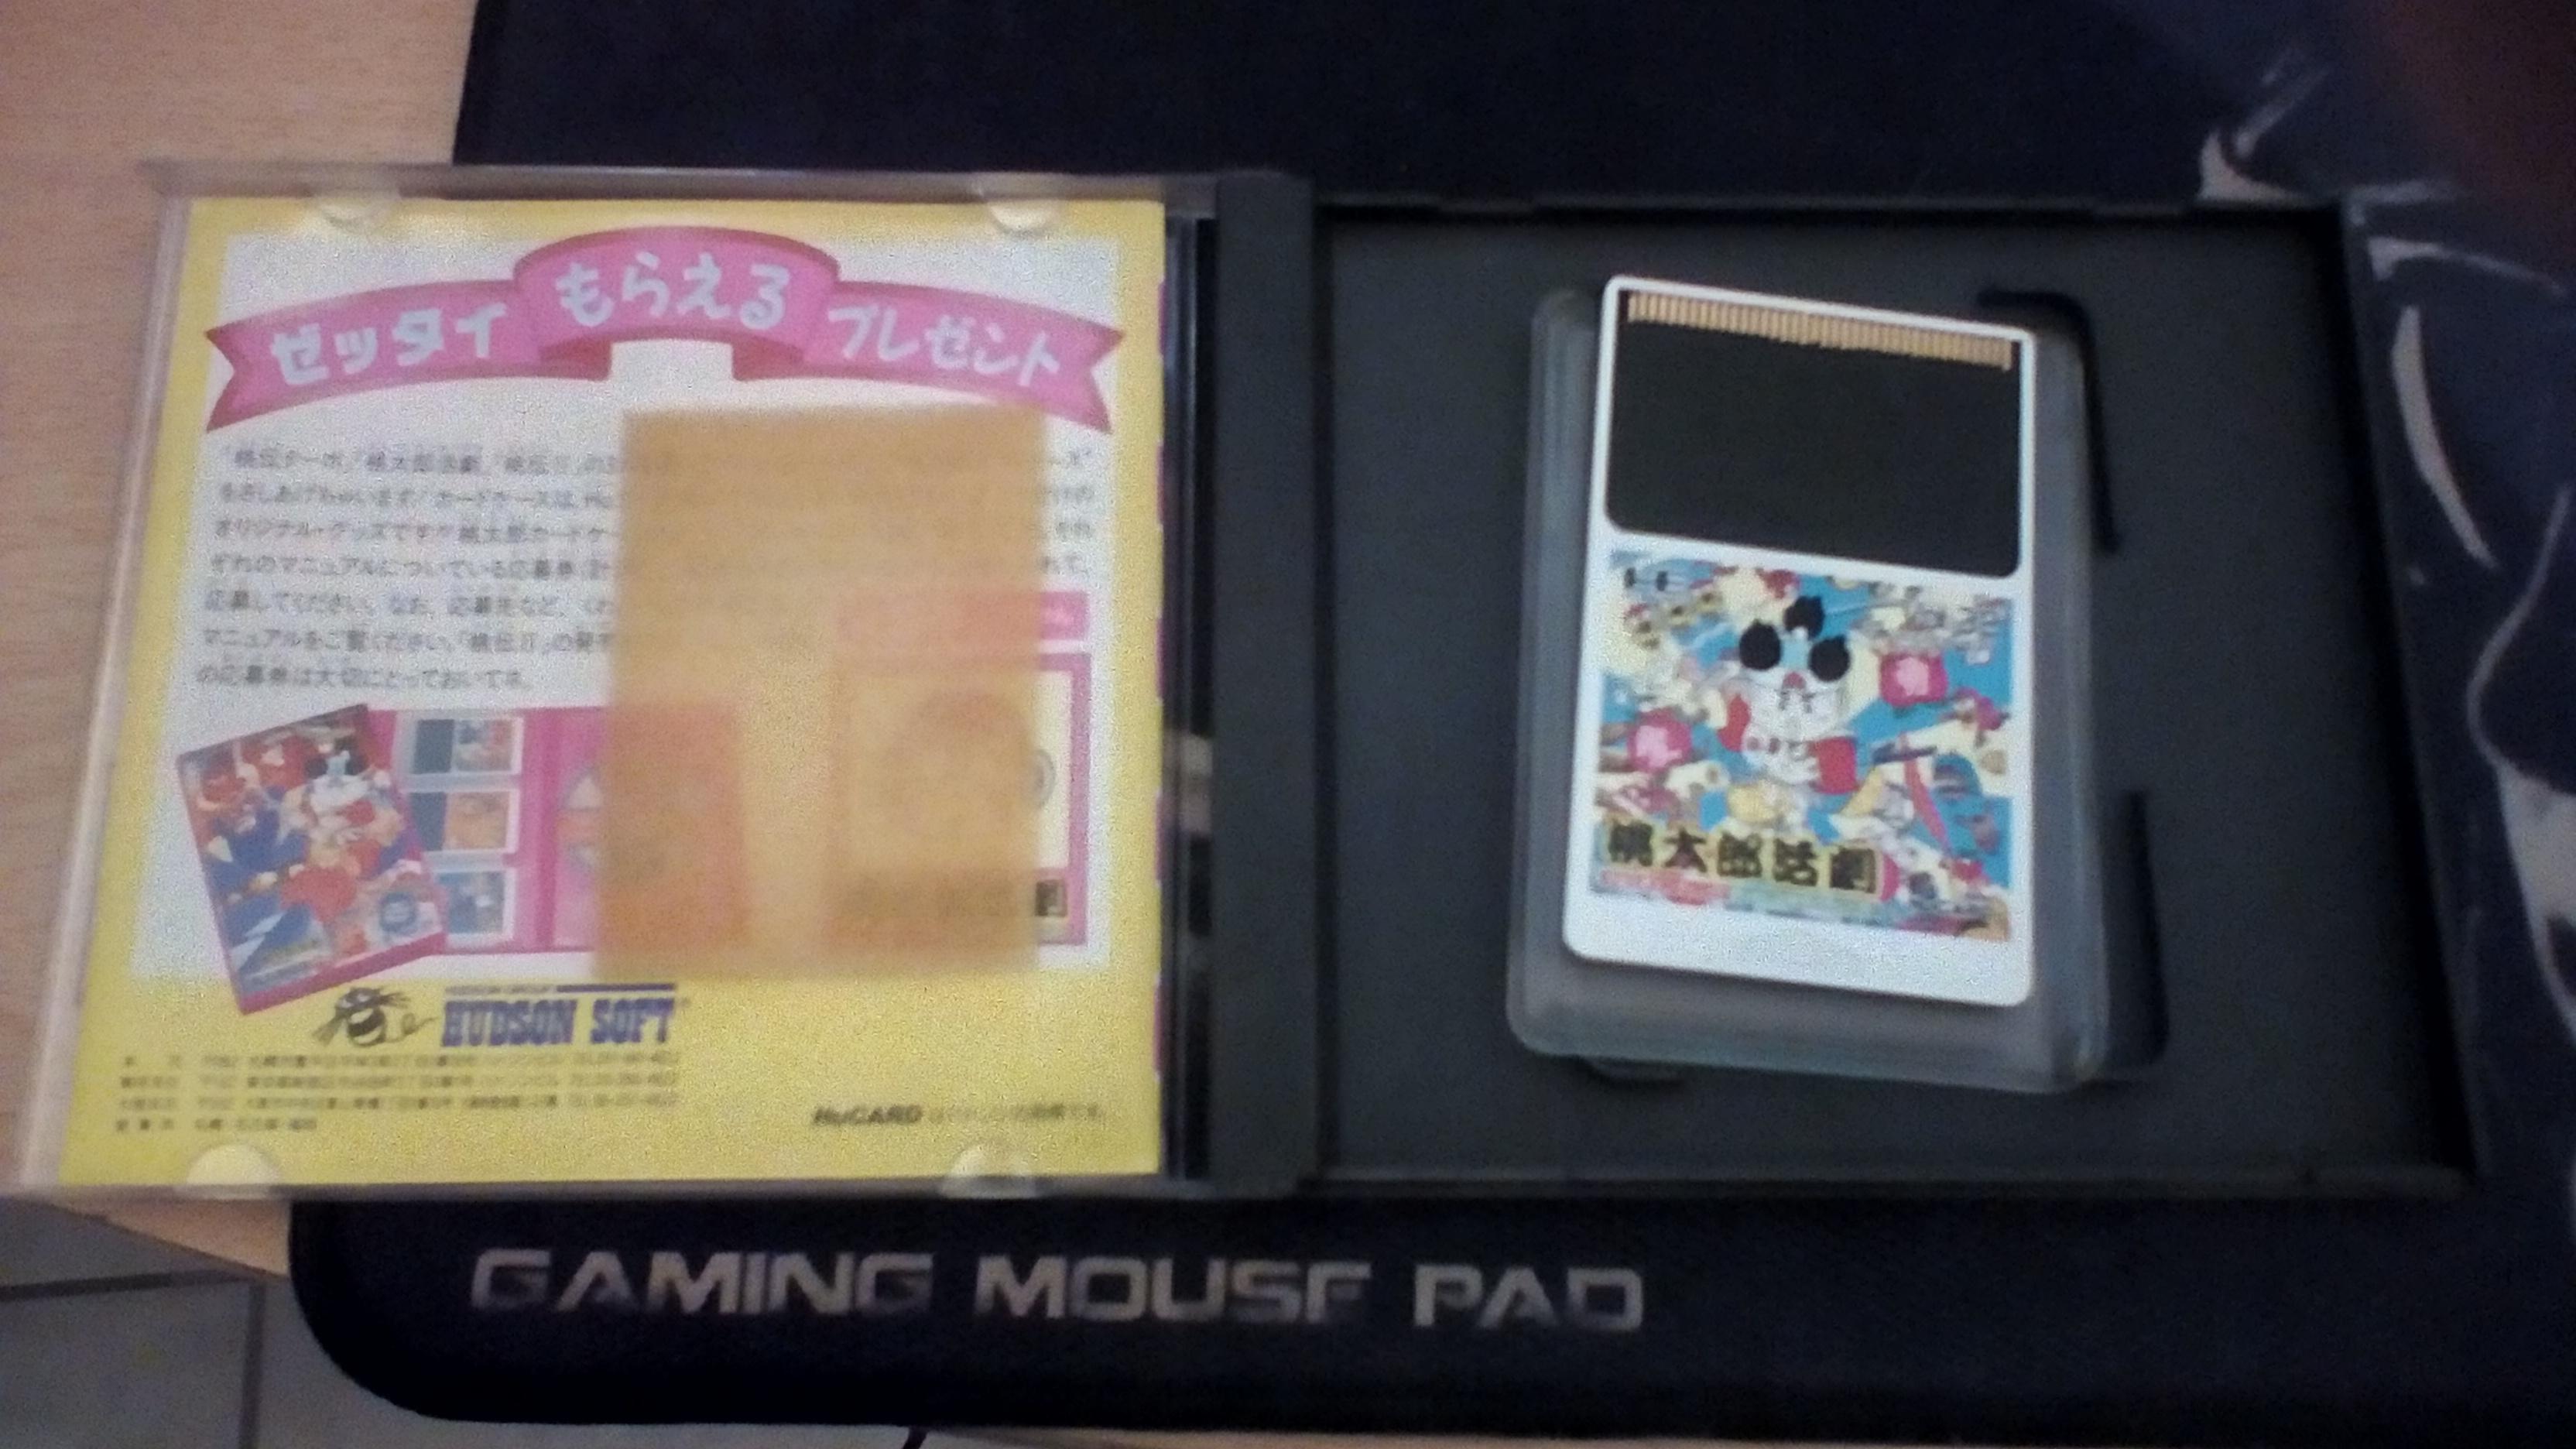 Shop/Ech Gold - Jeux GBA US - Dragon Valor PS1 - JDR Papier - Jeux DS - Zelda 171007030258796487